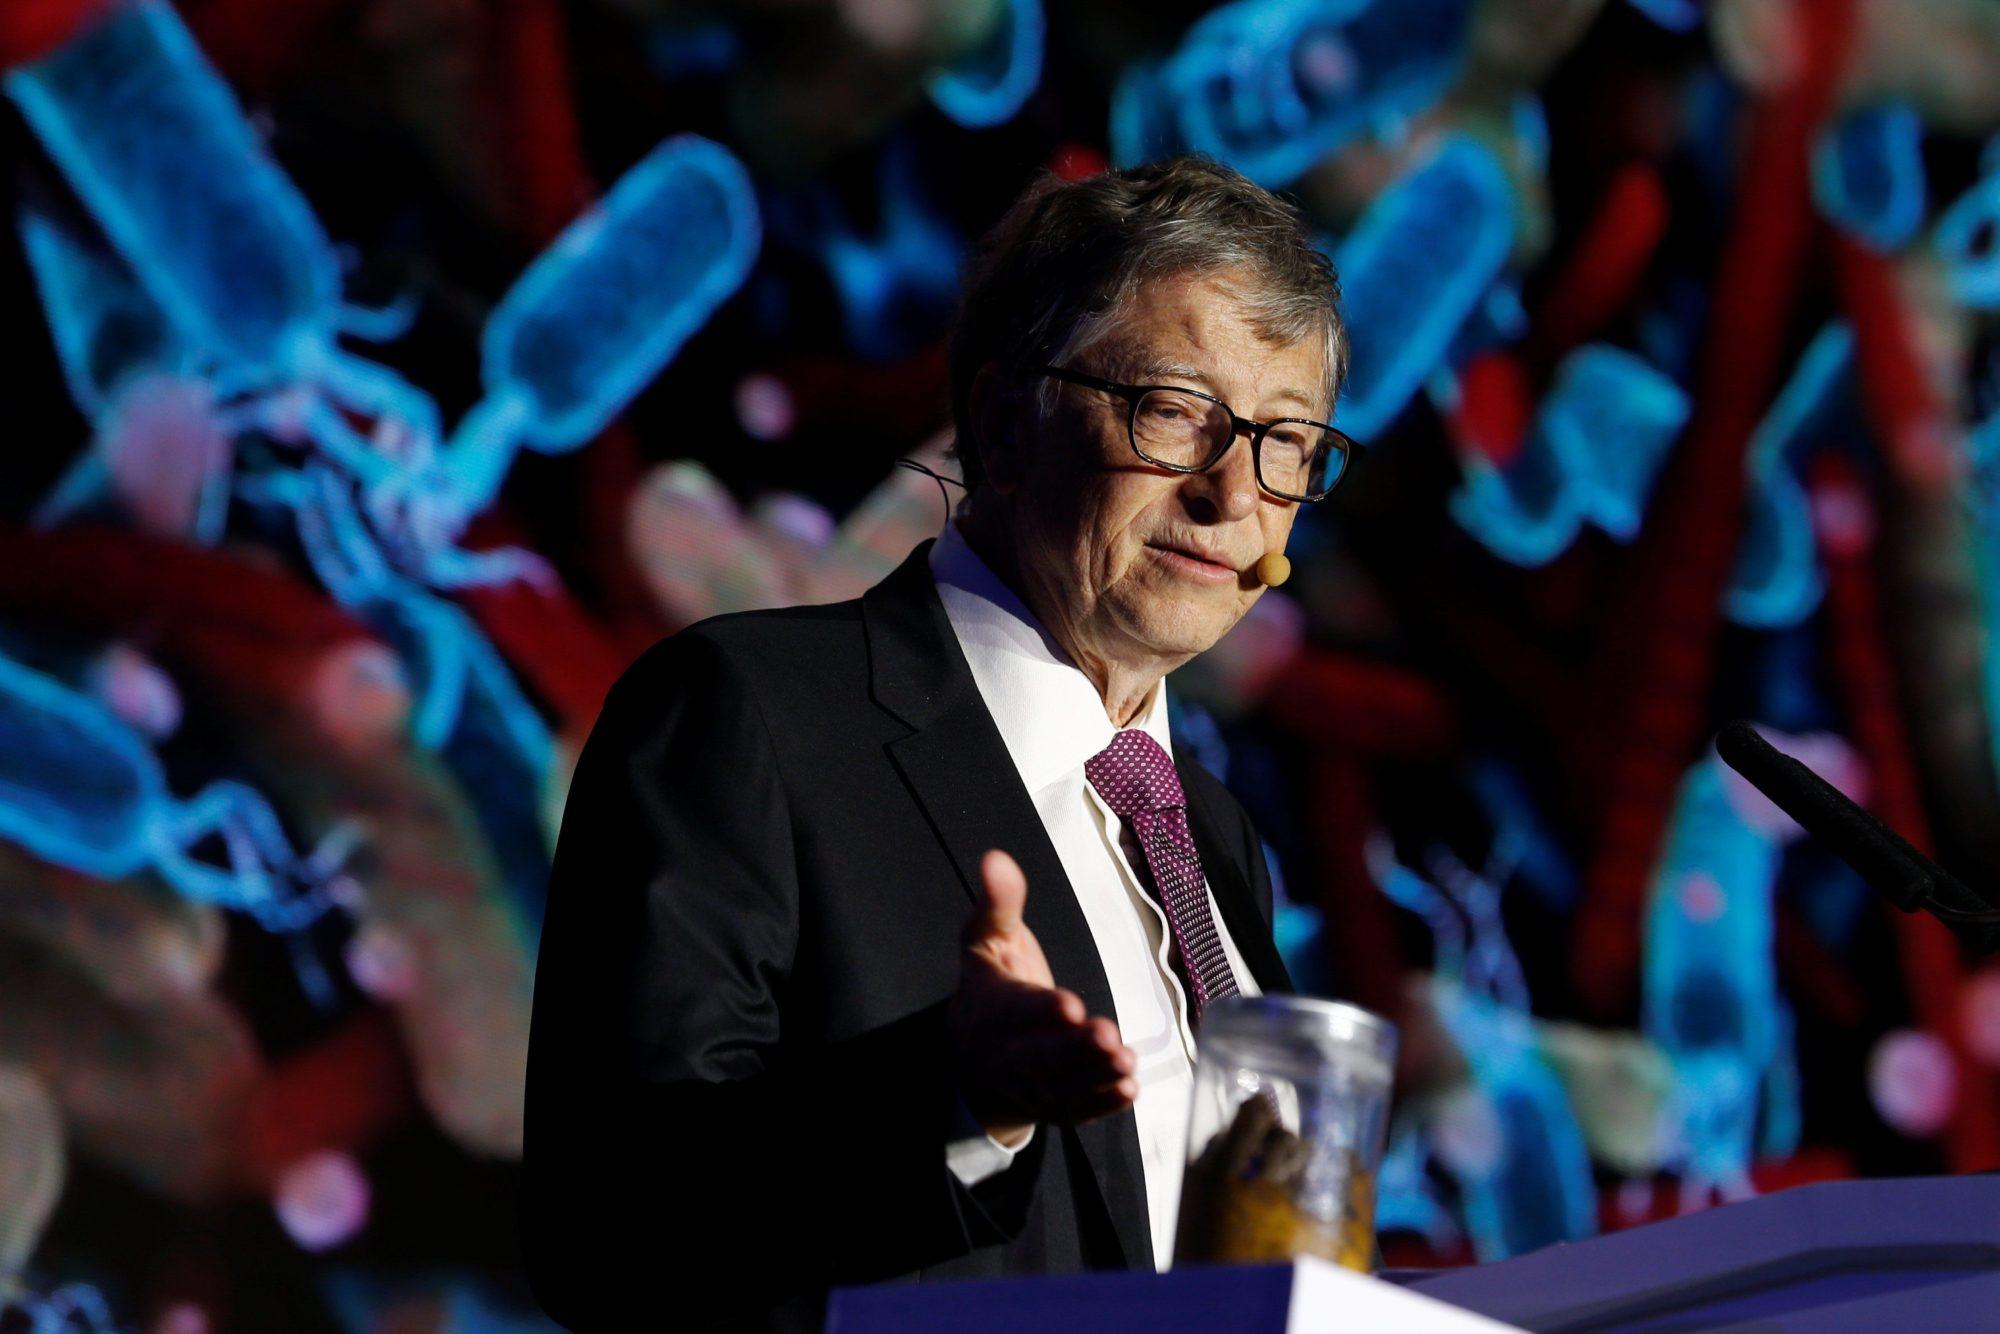 Більше часу на благодійність: Біл Гейтс покине раду директорів Microsoft -  - 4a5a9dbbb87173bcc97066fc13b335de 2000x1334